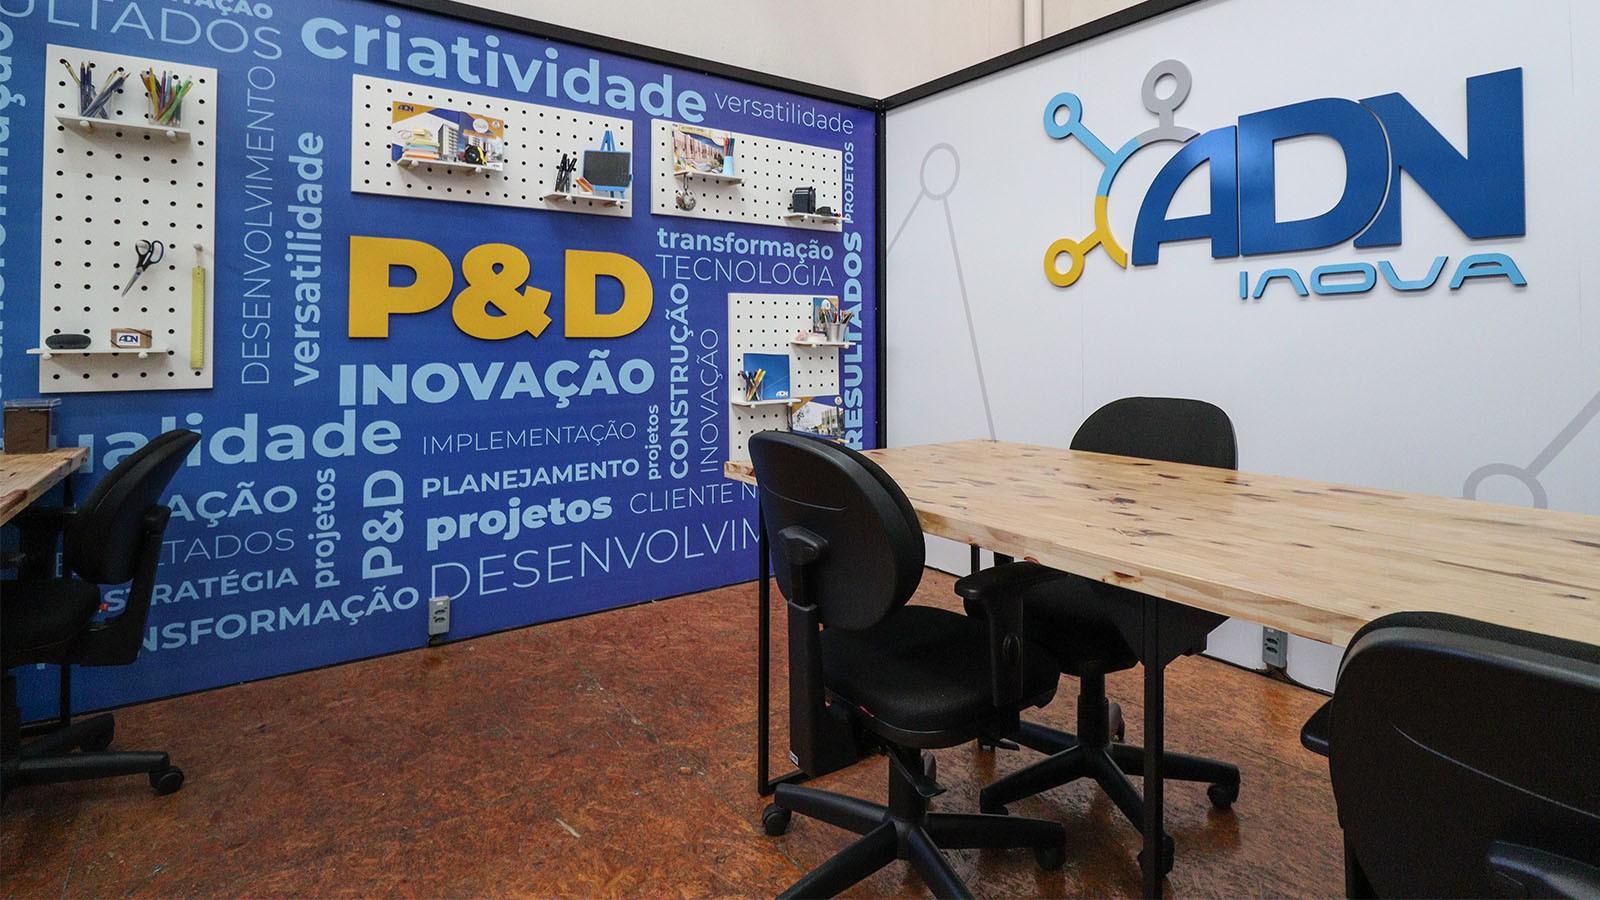 ADN Construtora integra o maior ecossistema independente de inovação do Brasil